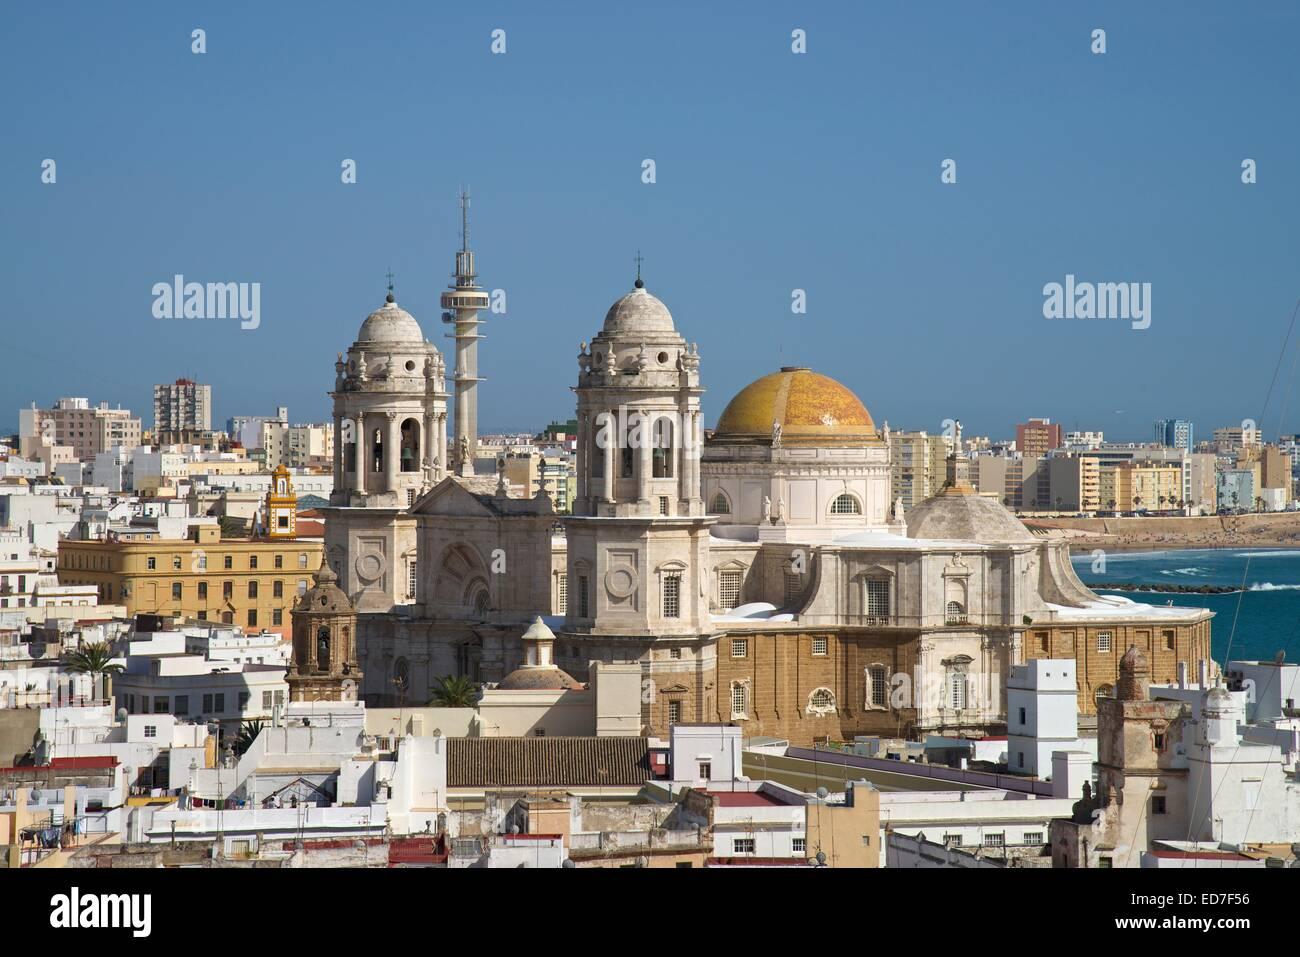 Vue depuis la tour Torre Tavira à Cadix Cathédrale, également nouvelle cathédrale, Cadix, Costa de la Luz, Andalousie, Espagne Banque D'Images